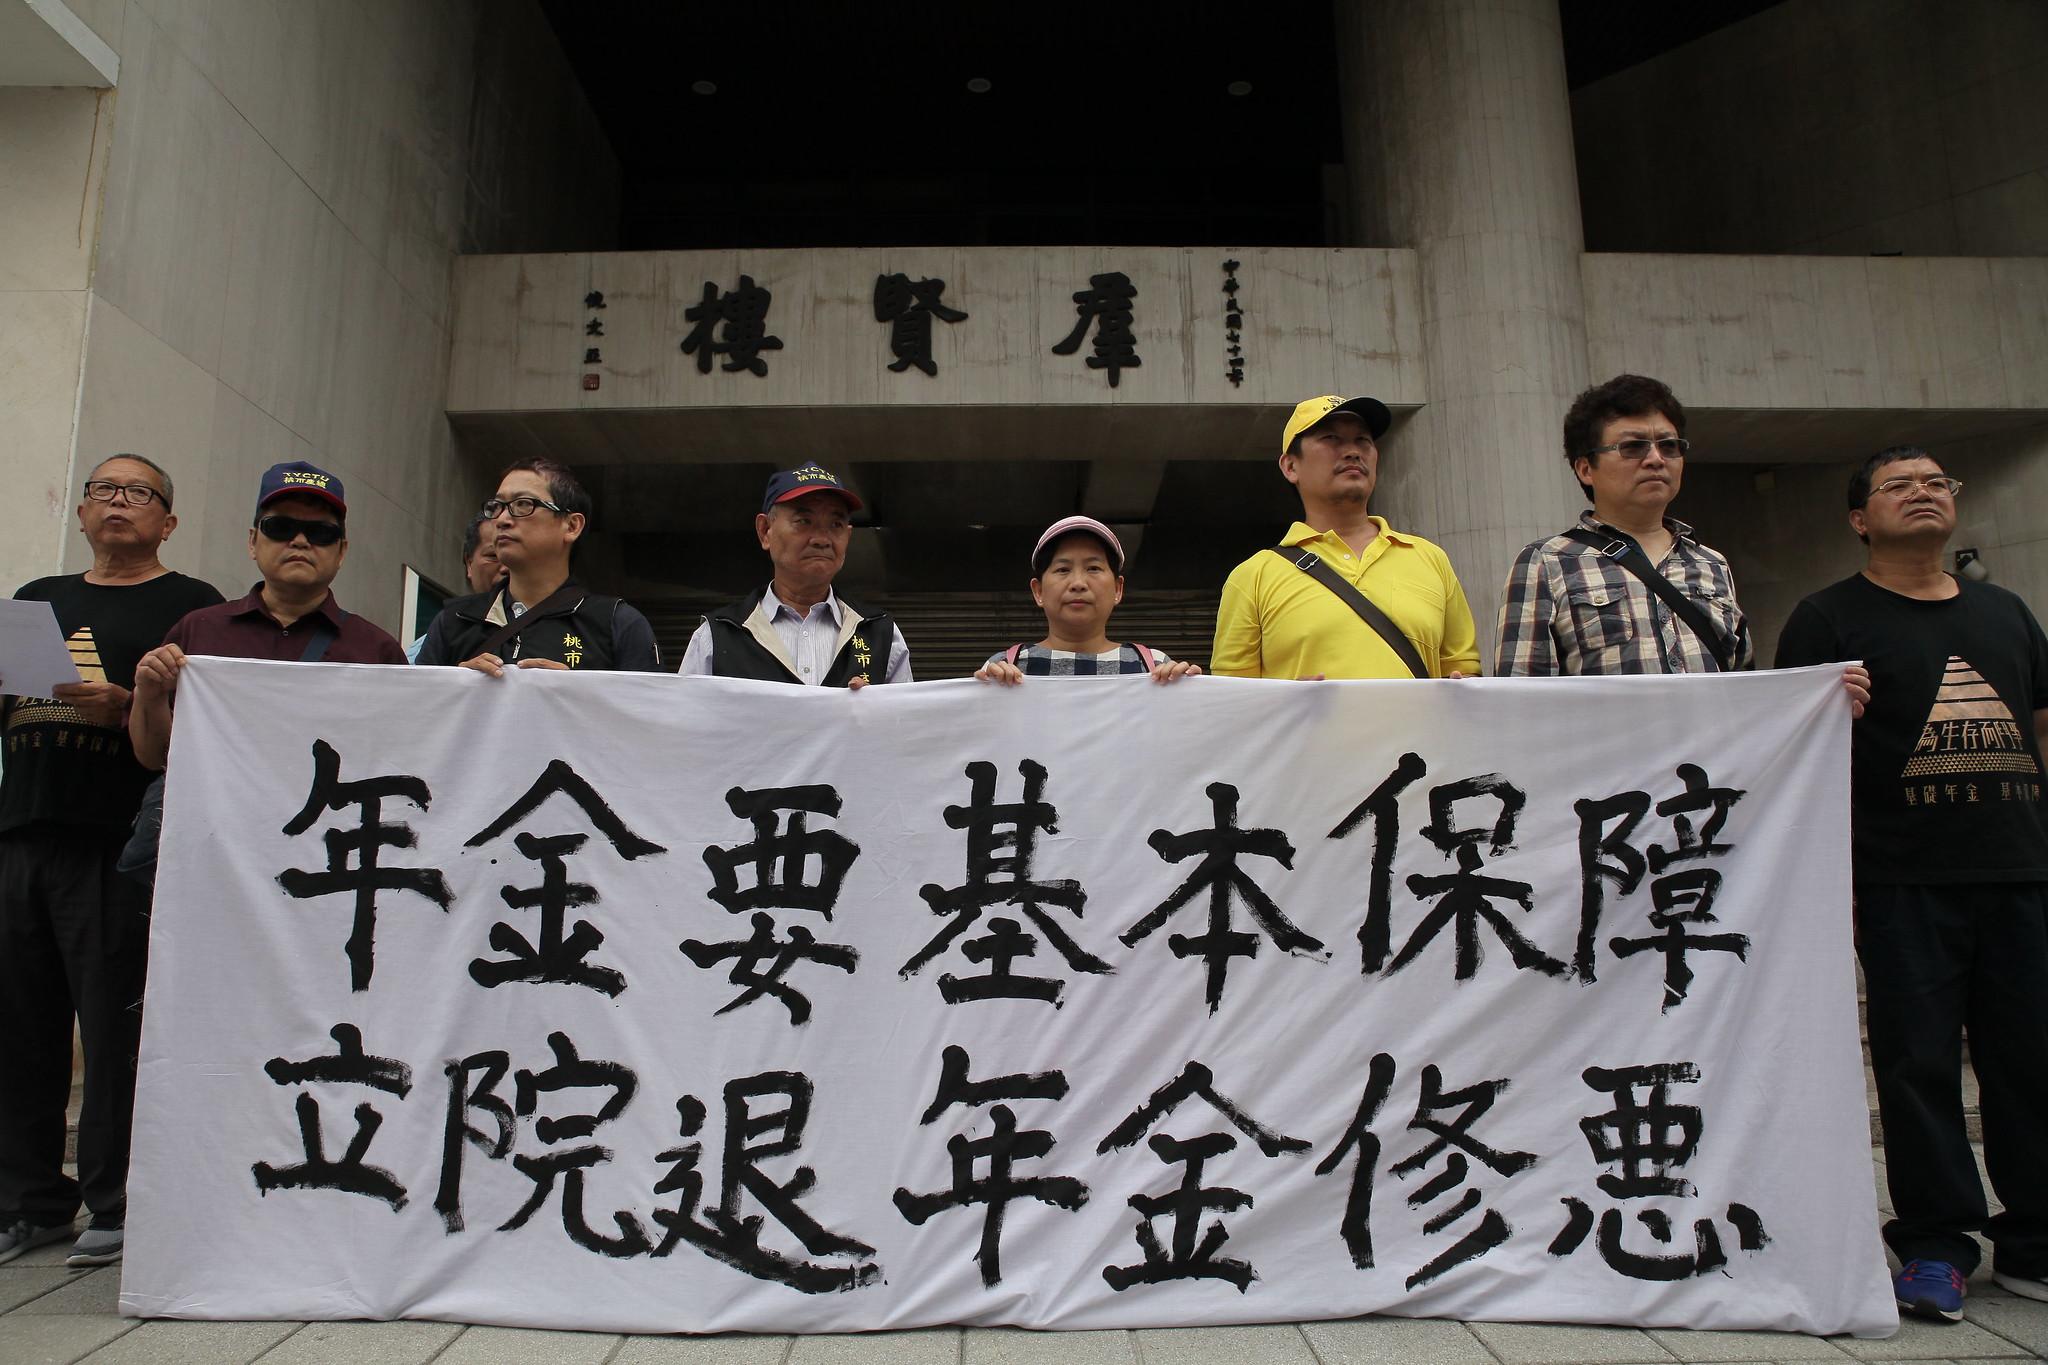 工鬥團體再赴立法院要求退回勞保年金改革草案。(攝影:陳逸婷)